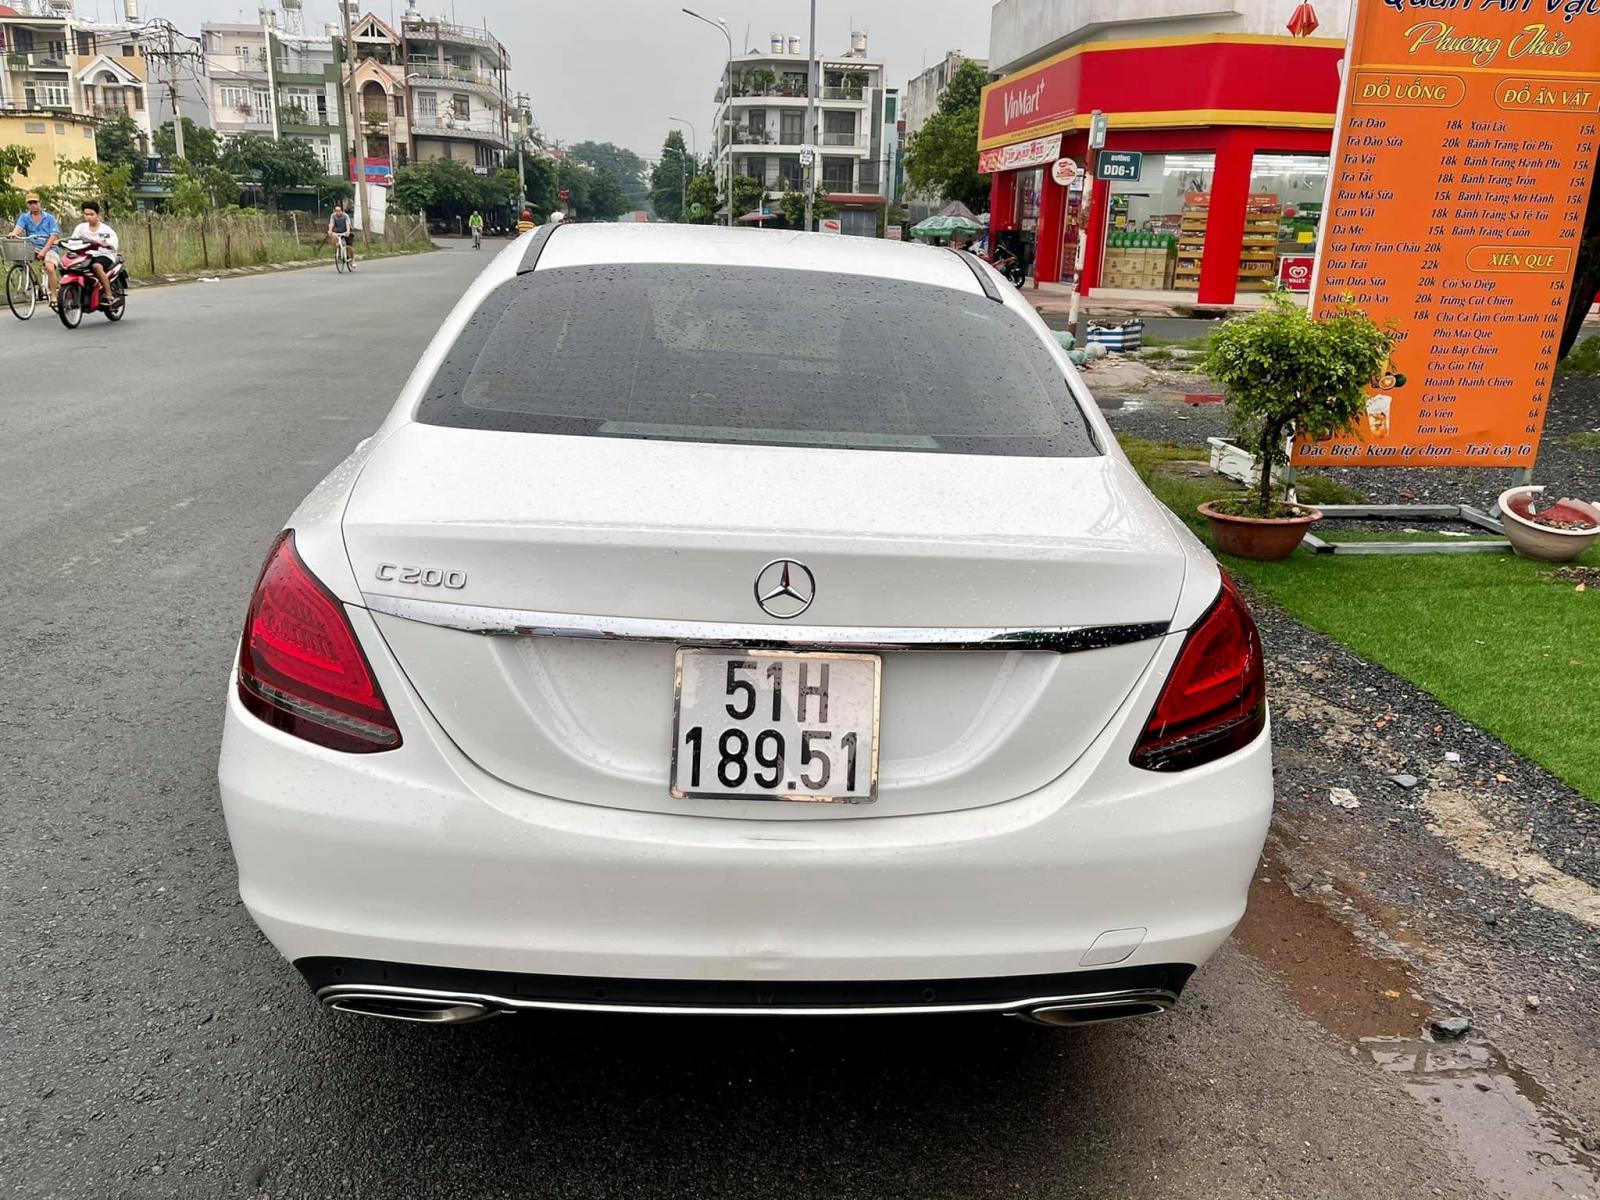 Quốc Duy Auto - Mercedes Benz C200 Exclusive trắng/đen 2020 sang - trả trước 650 triệu nhận xe ngay